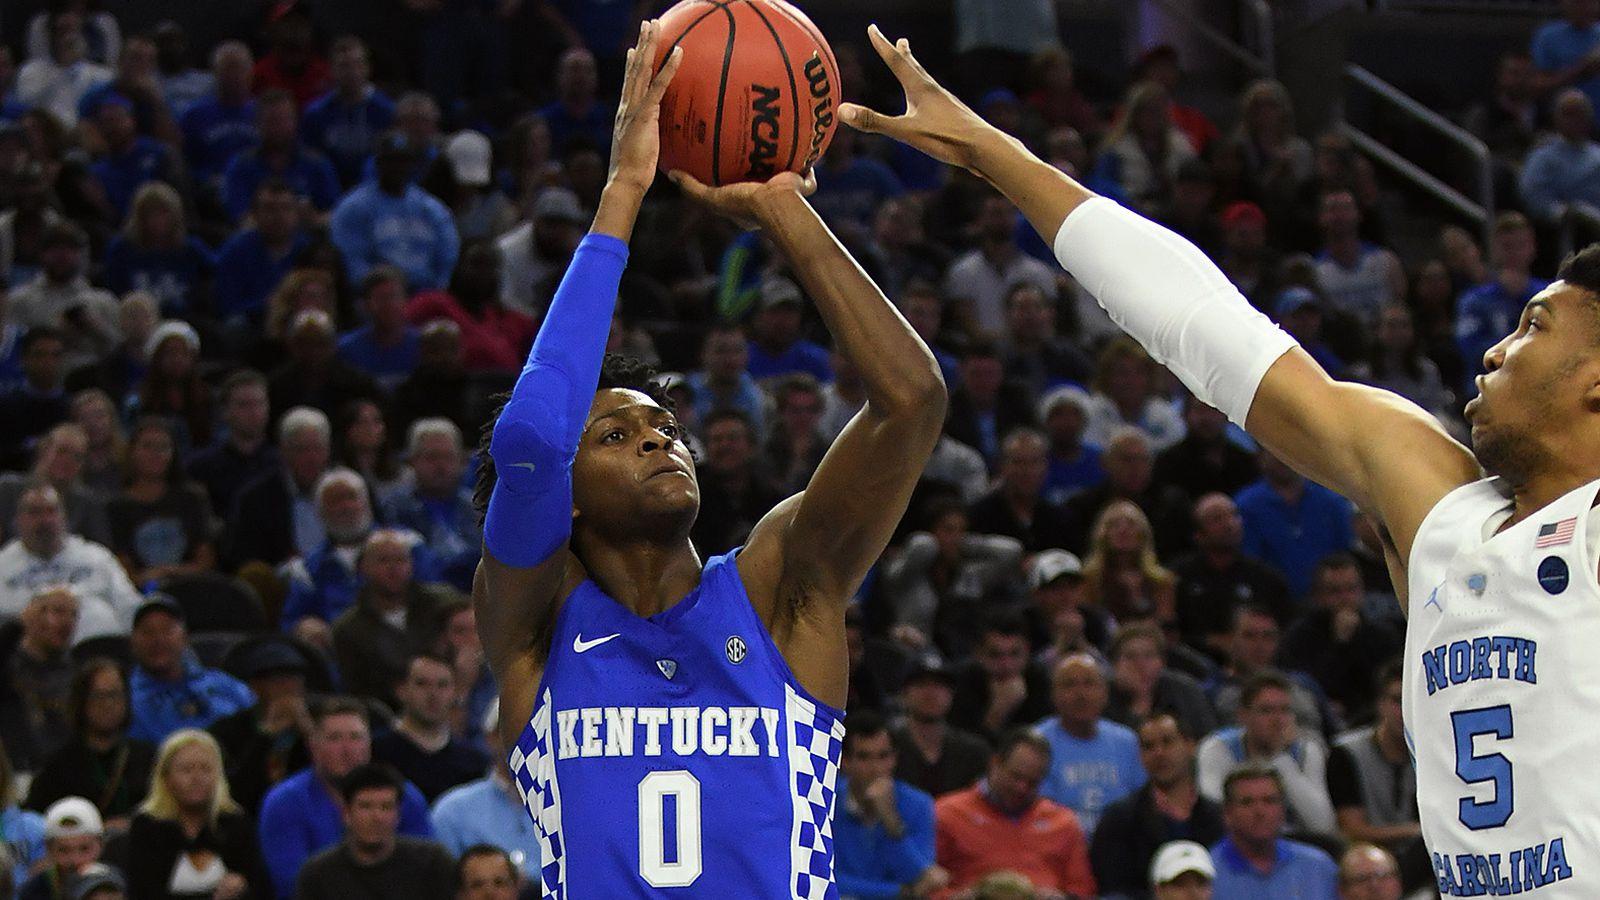 Kentucky Wildcats Vs North Carolina Tar Heels Game Time